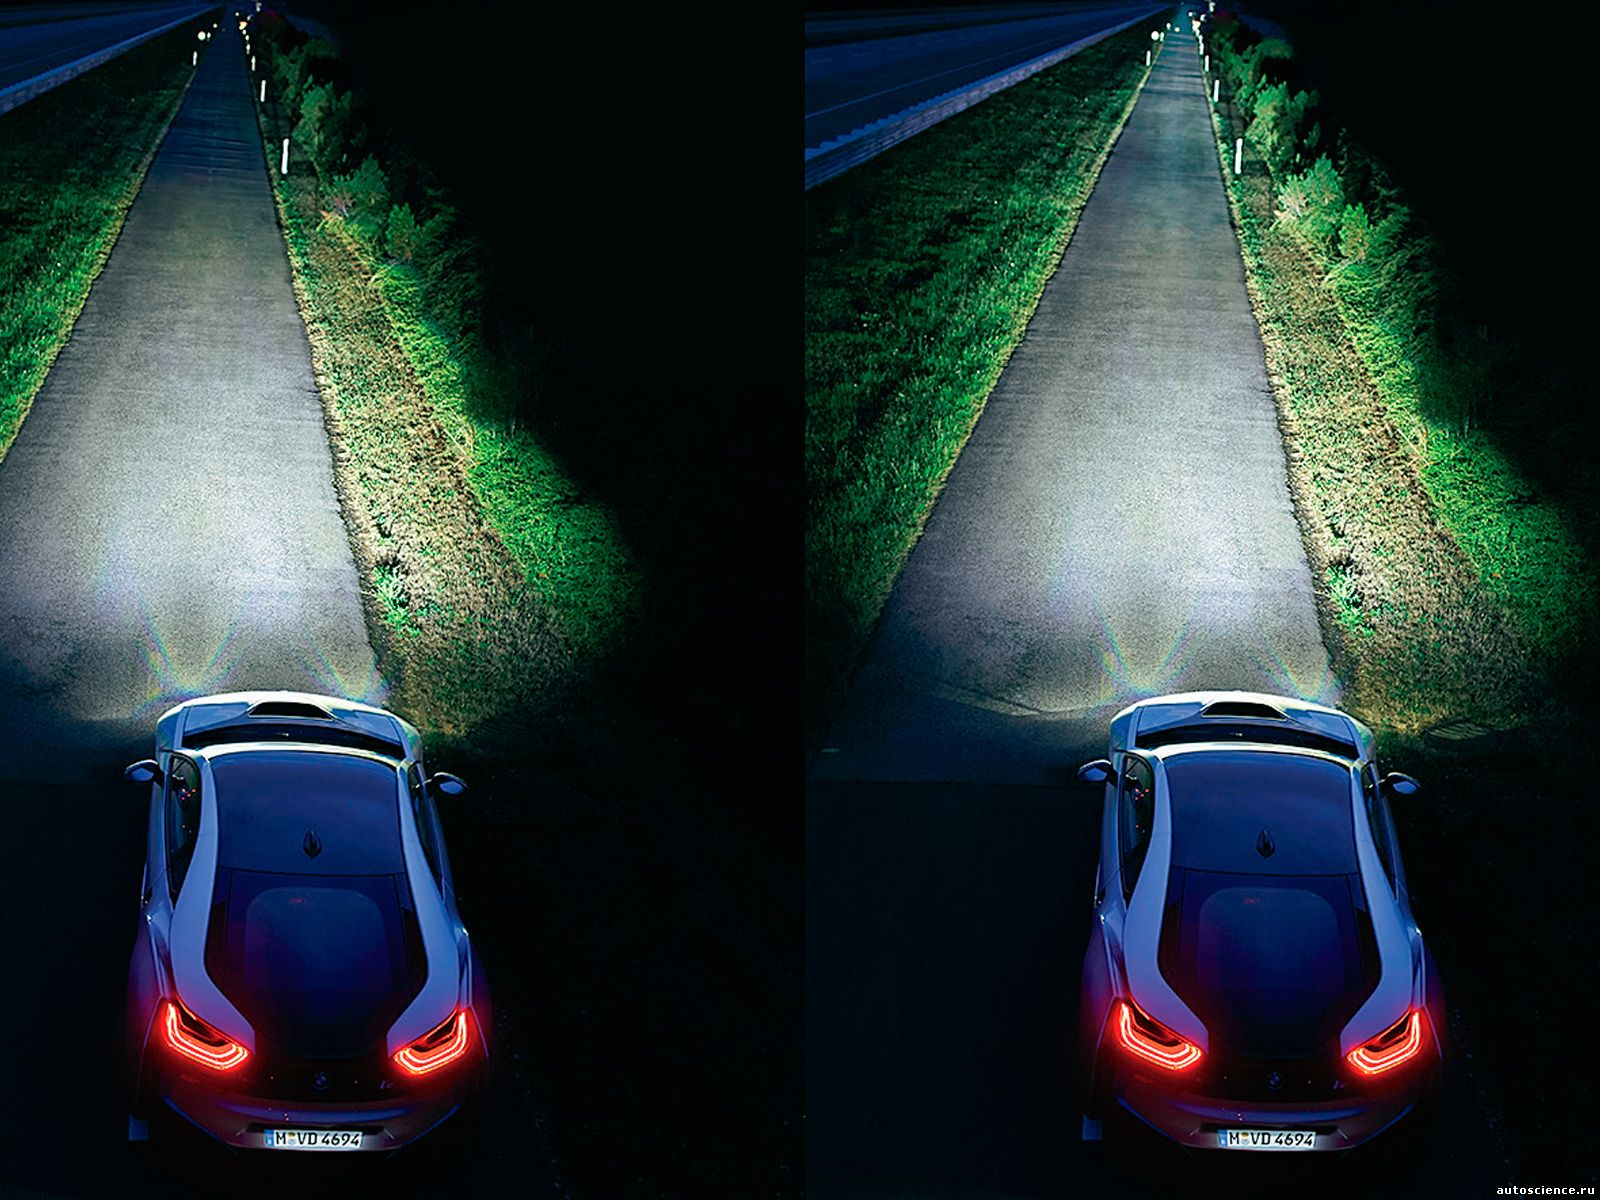 Как ночное сделать светлее